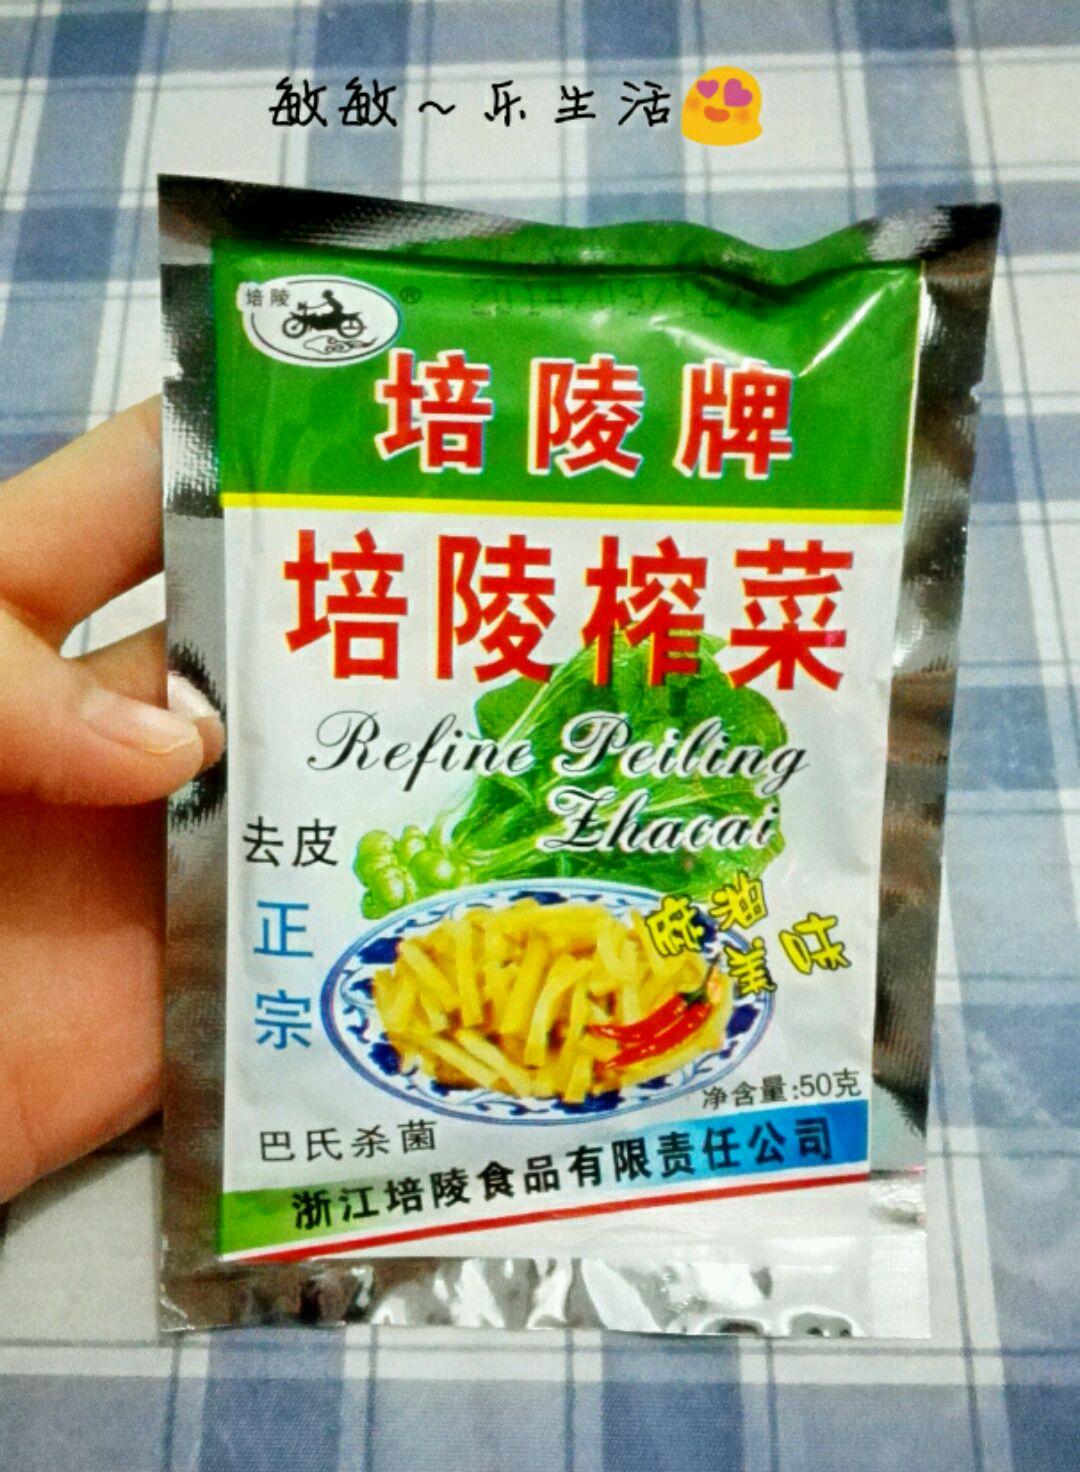 土猪肉炒乌江榨菜的菜谱_山药_豆果做法做法菜谱大全美食图片